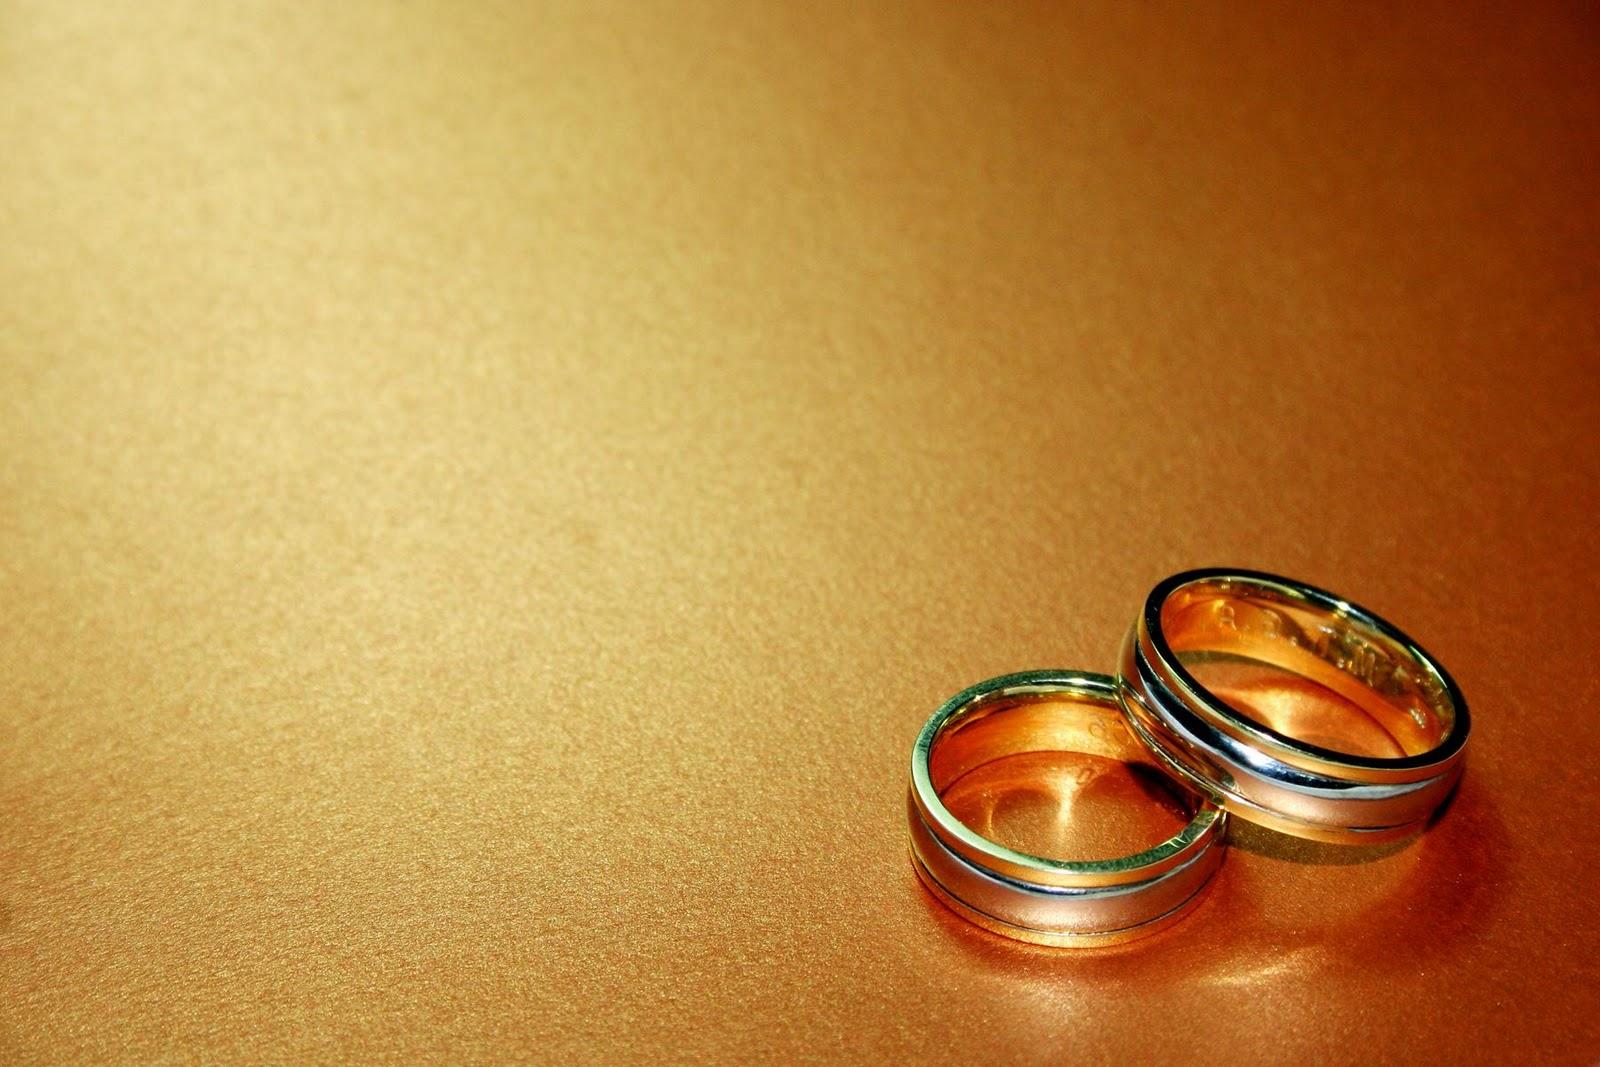 Wedding Bands on Orange